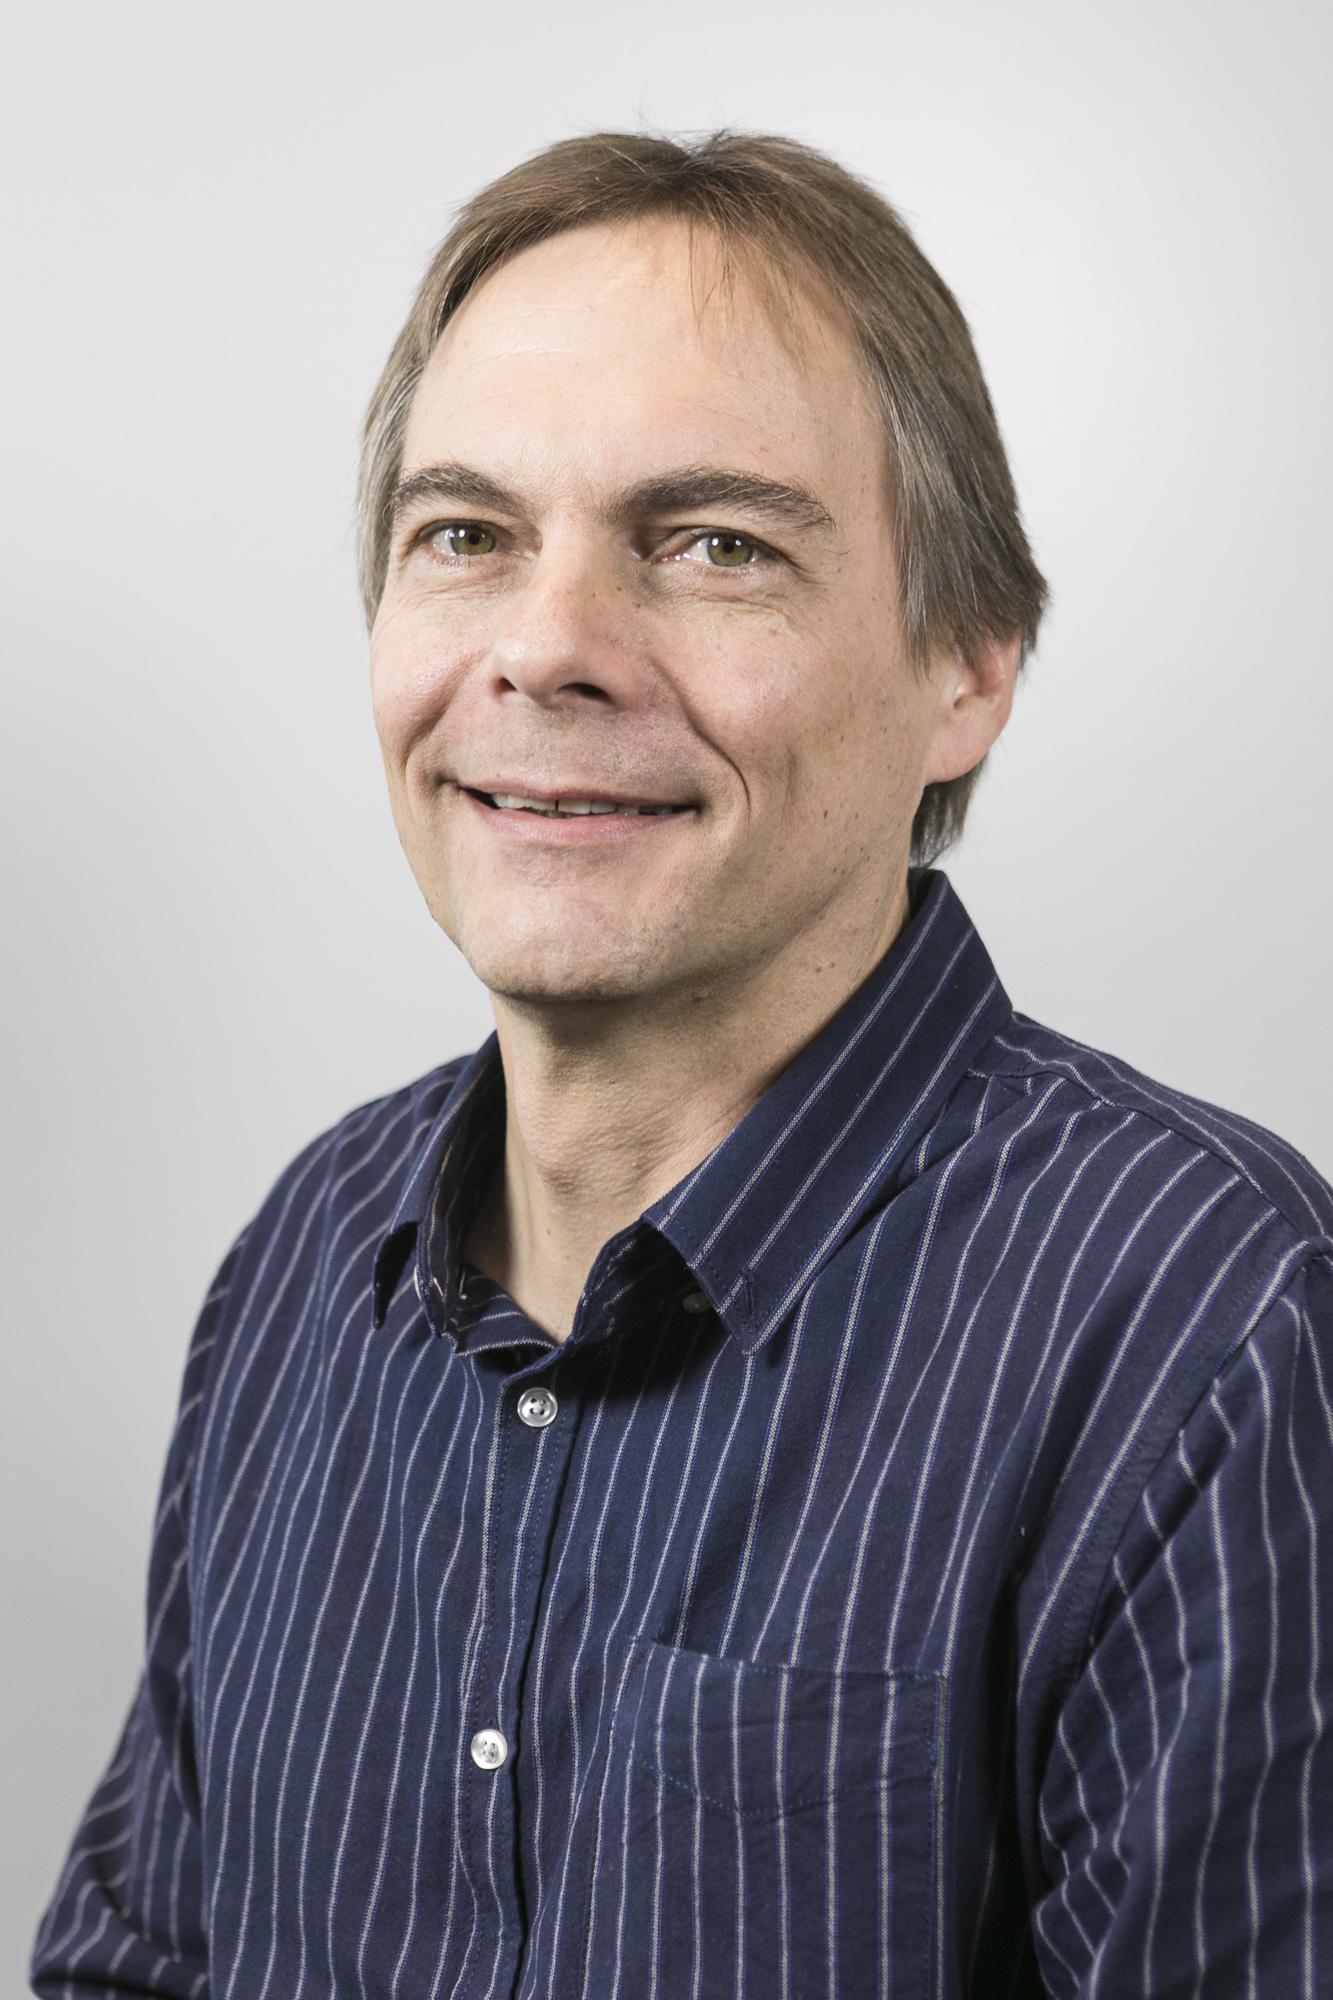 Wolfgang Knupp